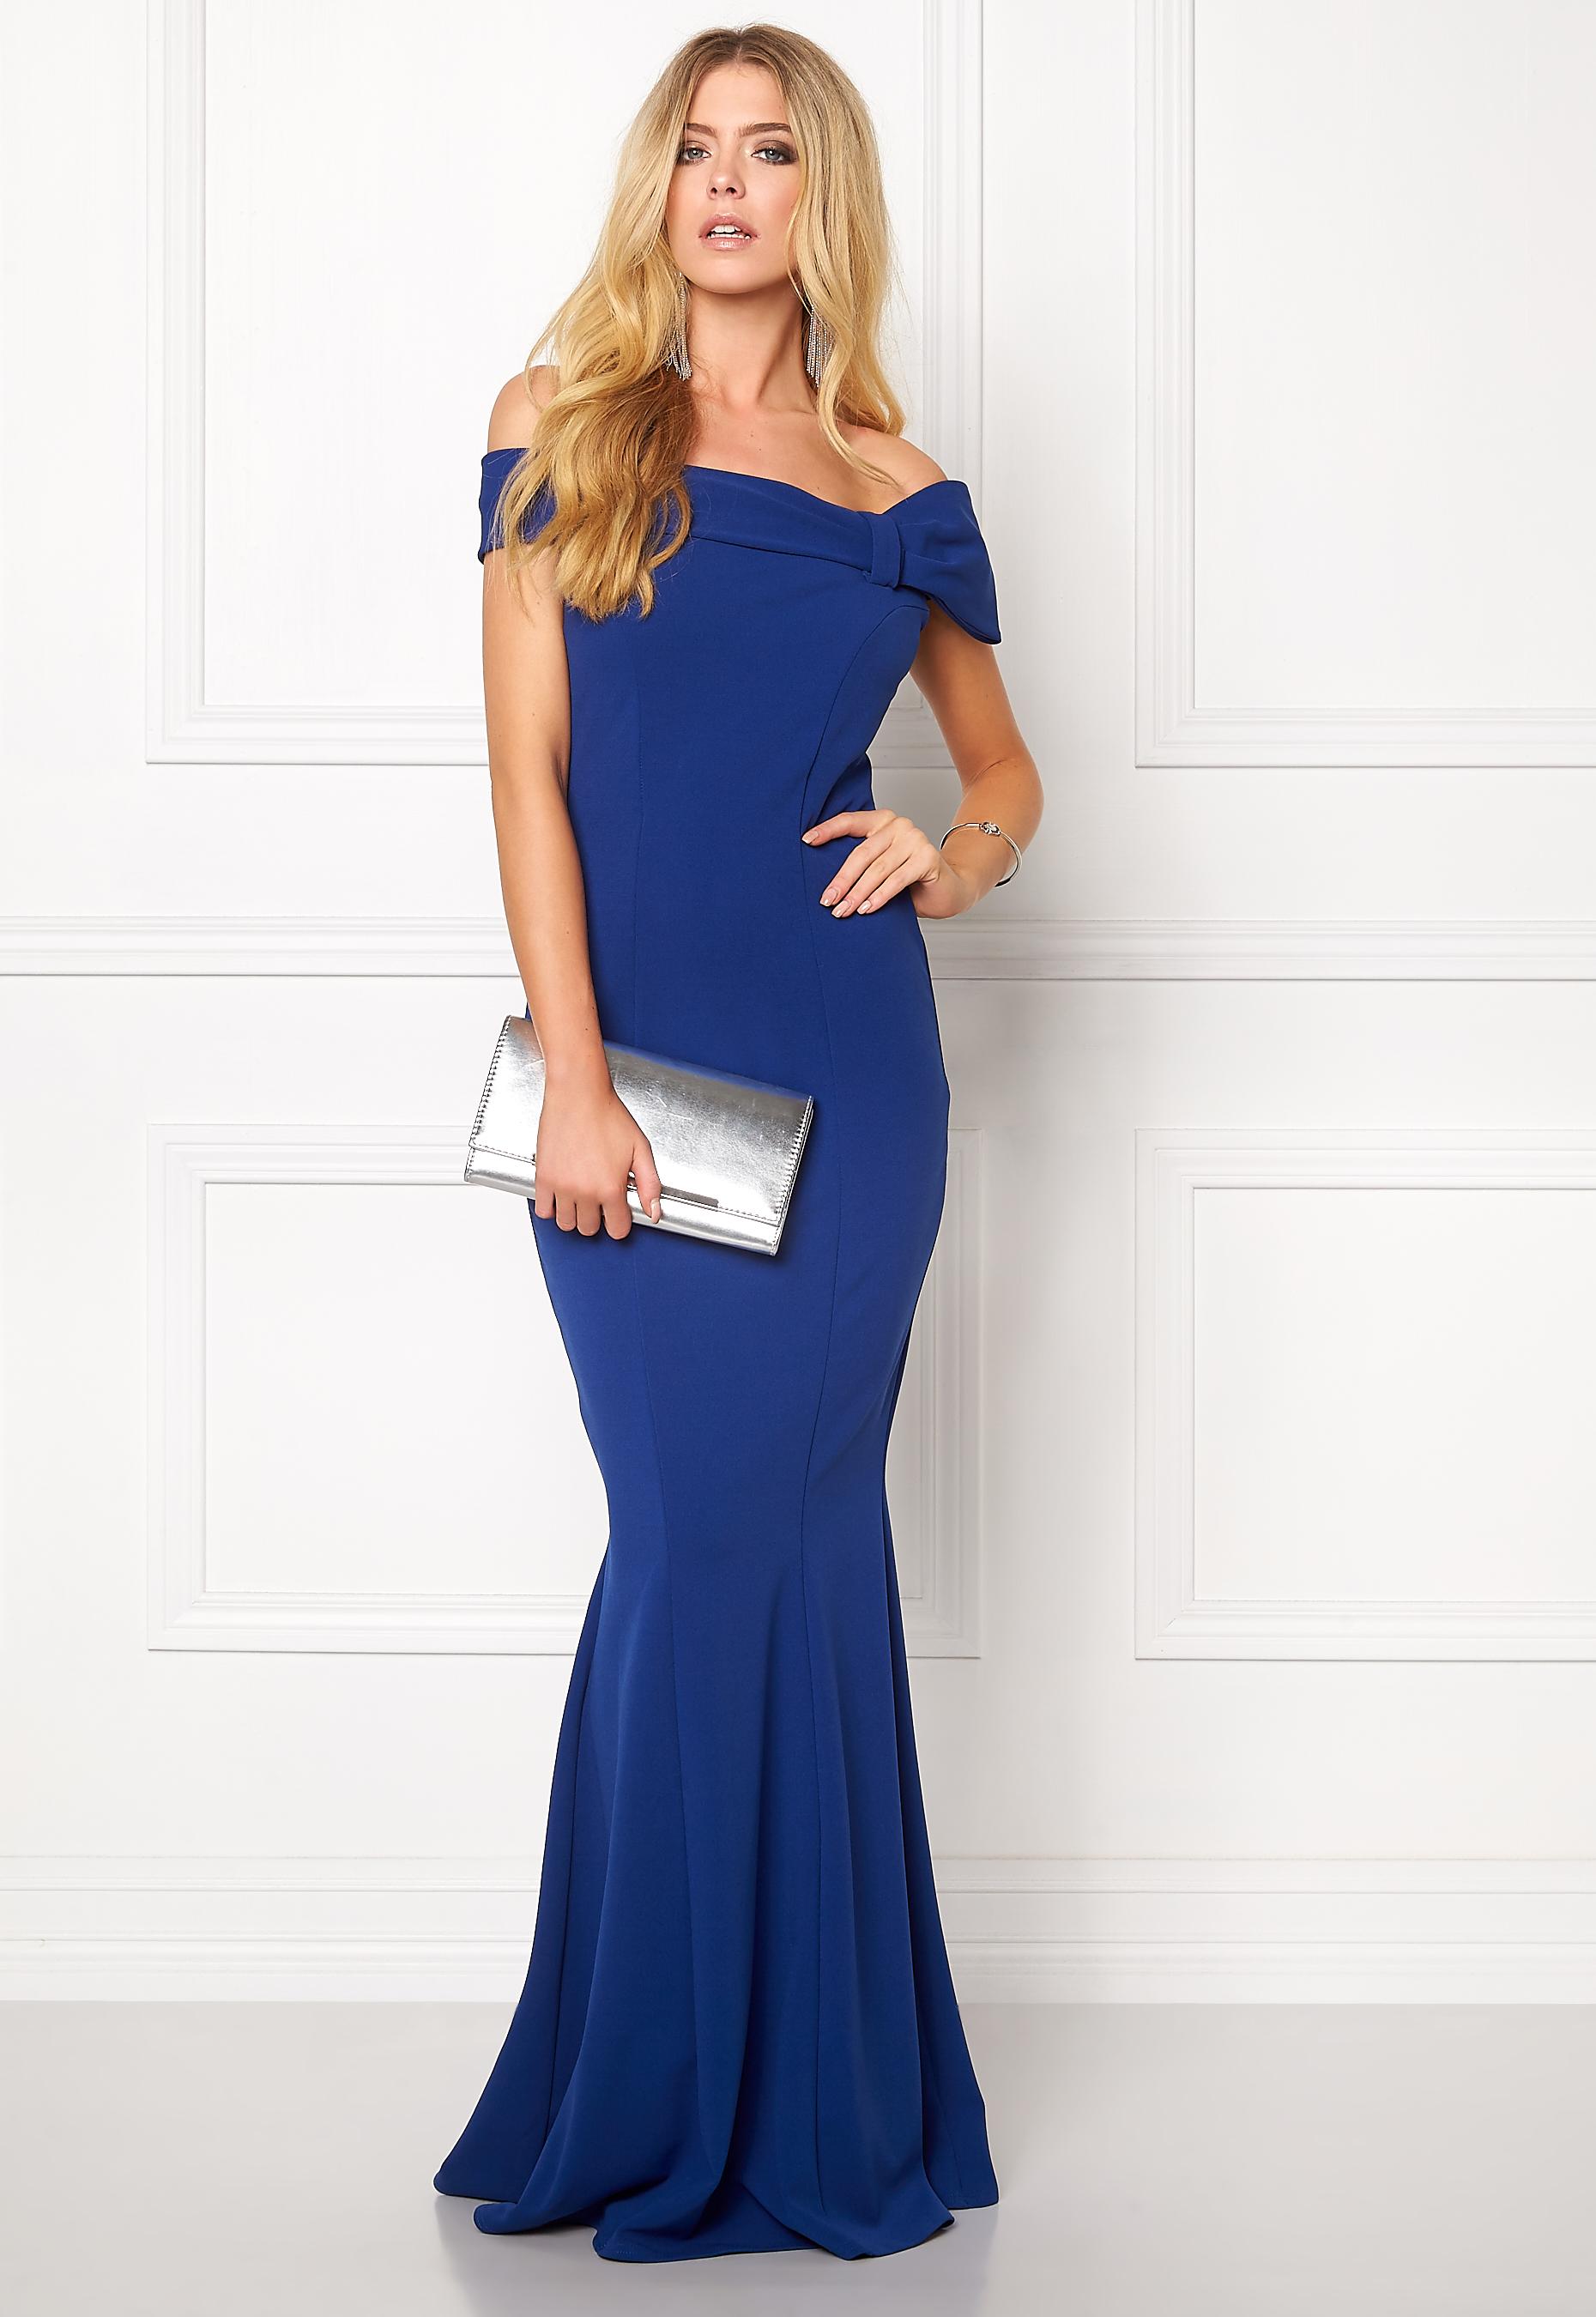 5d382d503e41 Goddiva Bardot Fishtail Maxi Dress Royal Blue - Bubbleroom